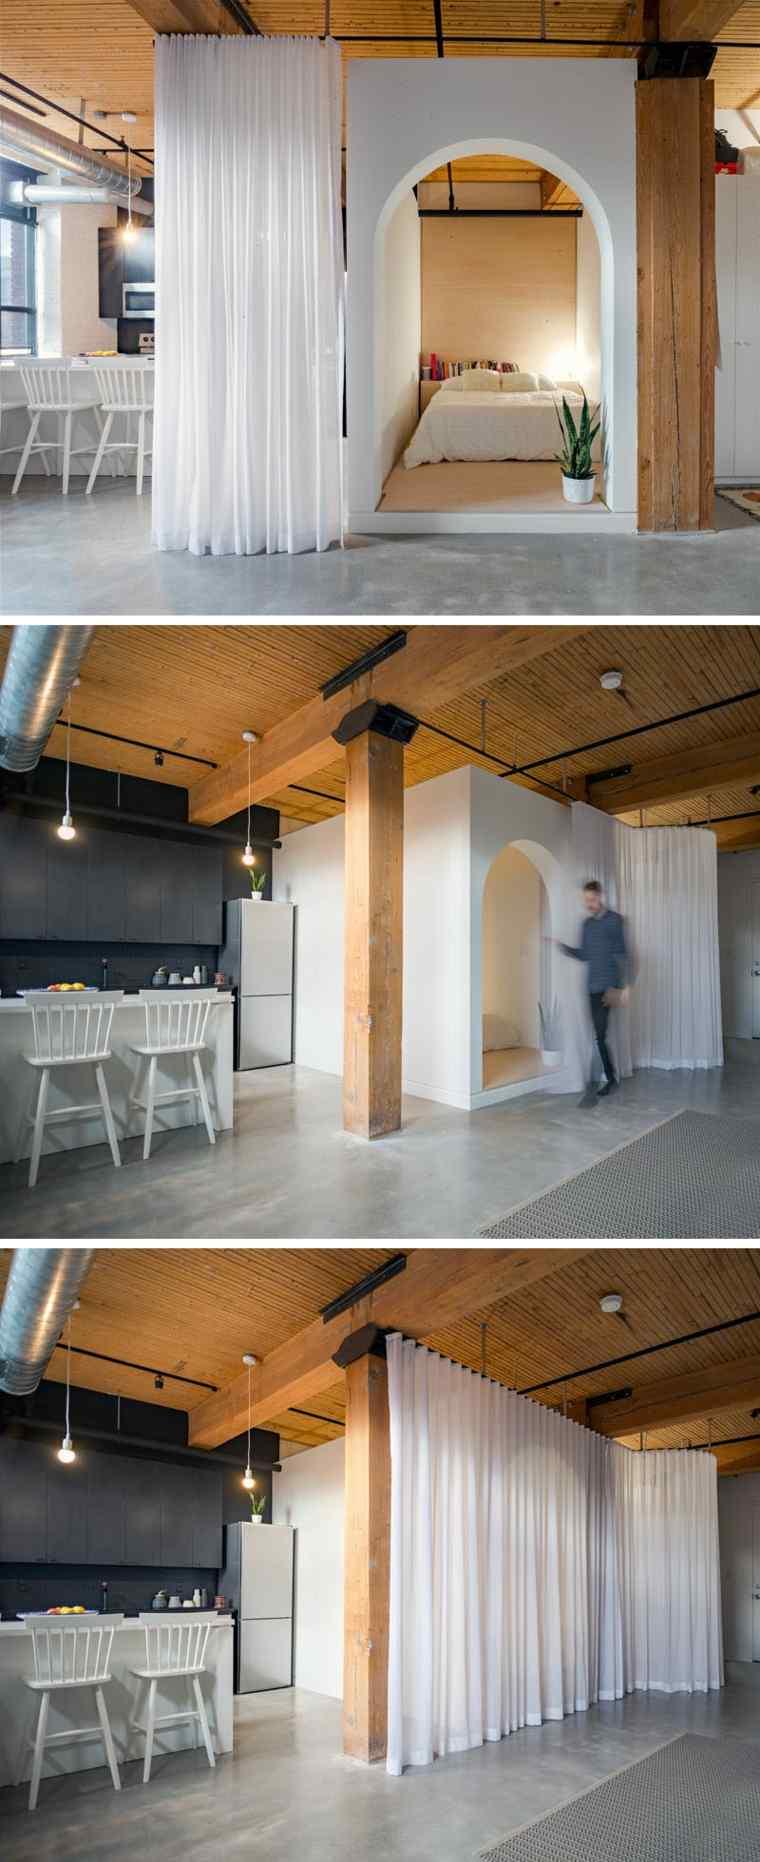 Estilos de decoracion de interiores - el loft Broadview